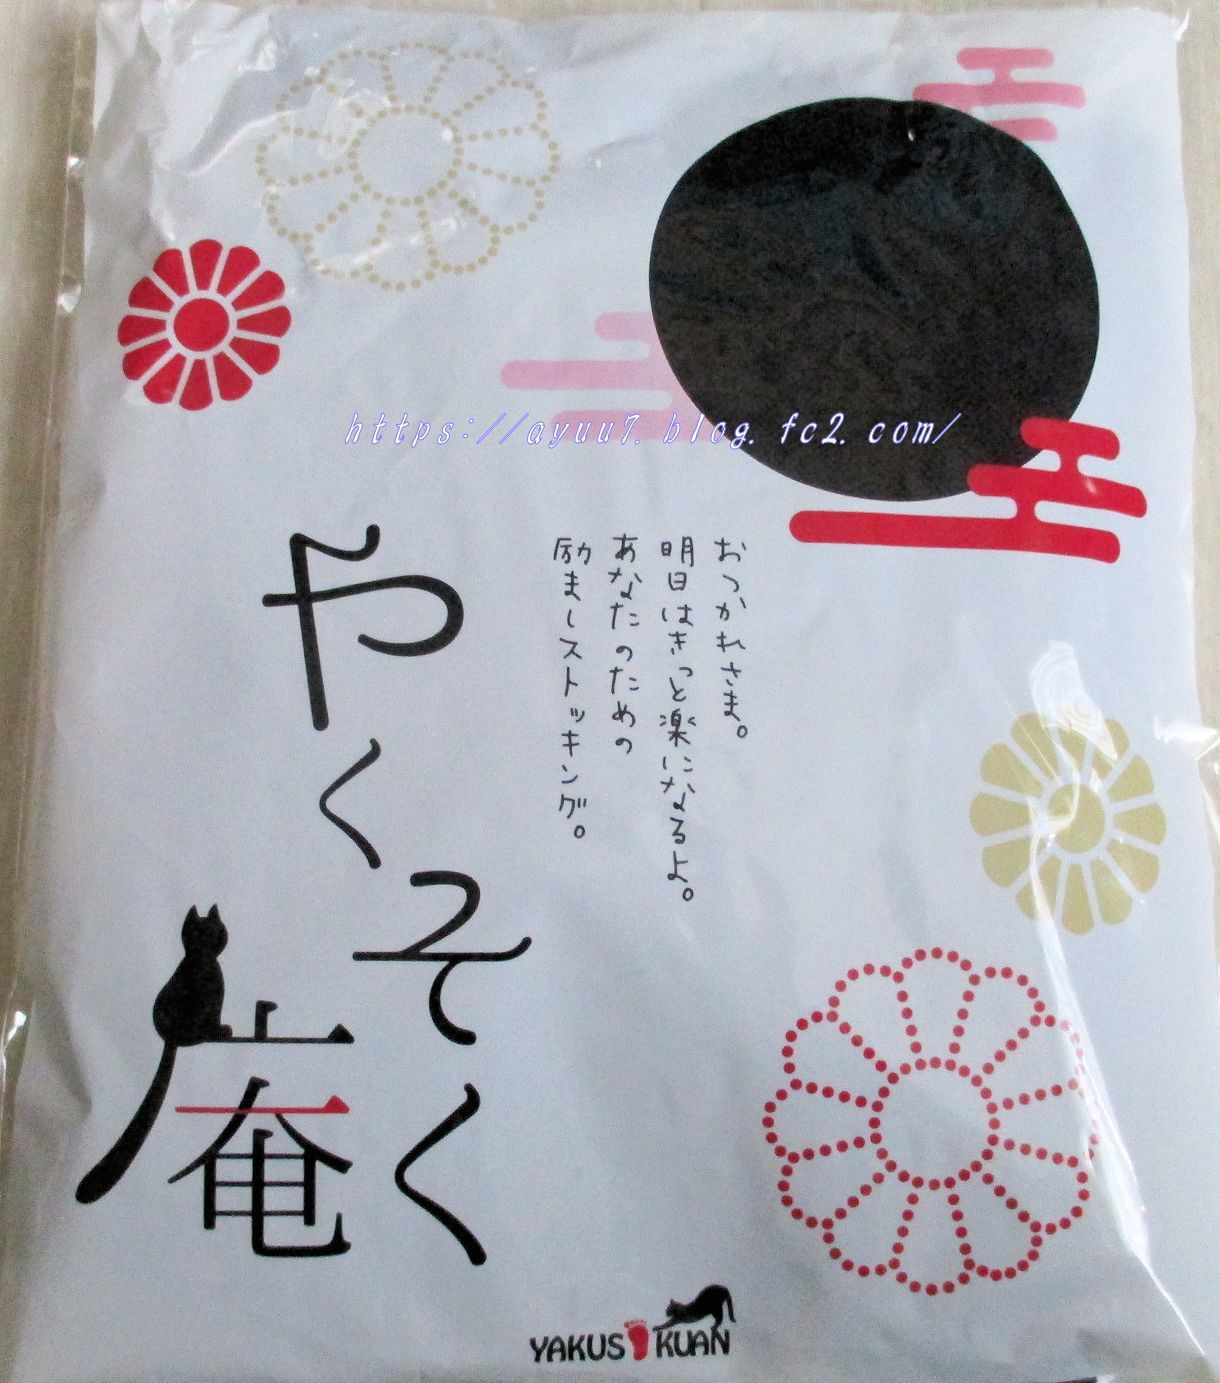 yakusokuanusagi.jpg